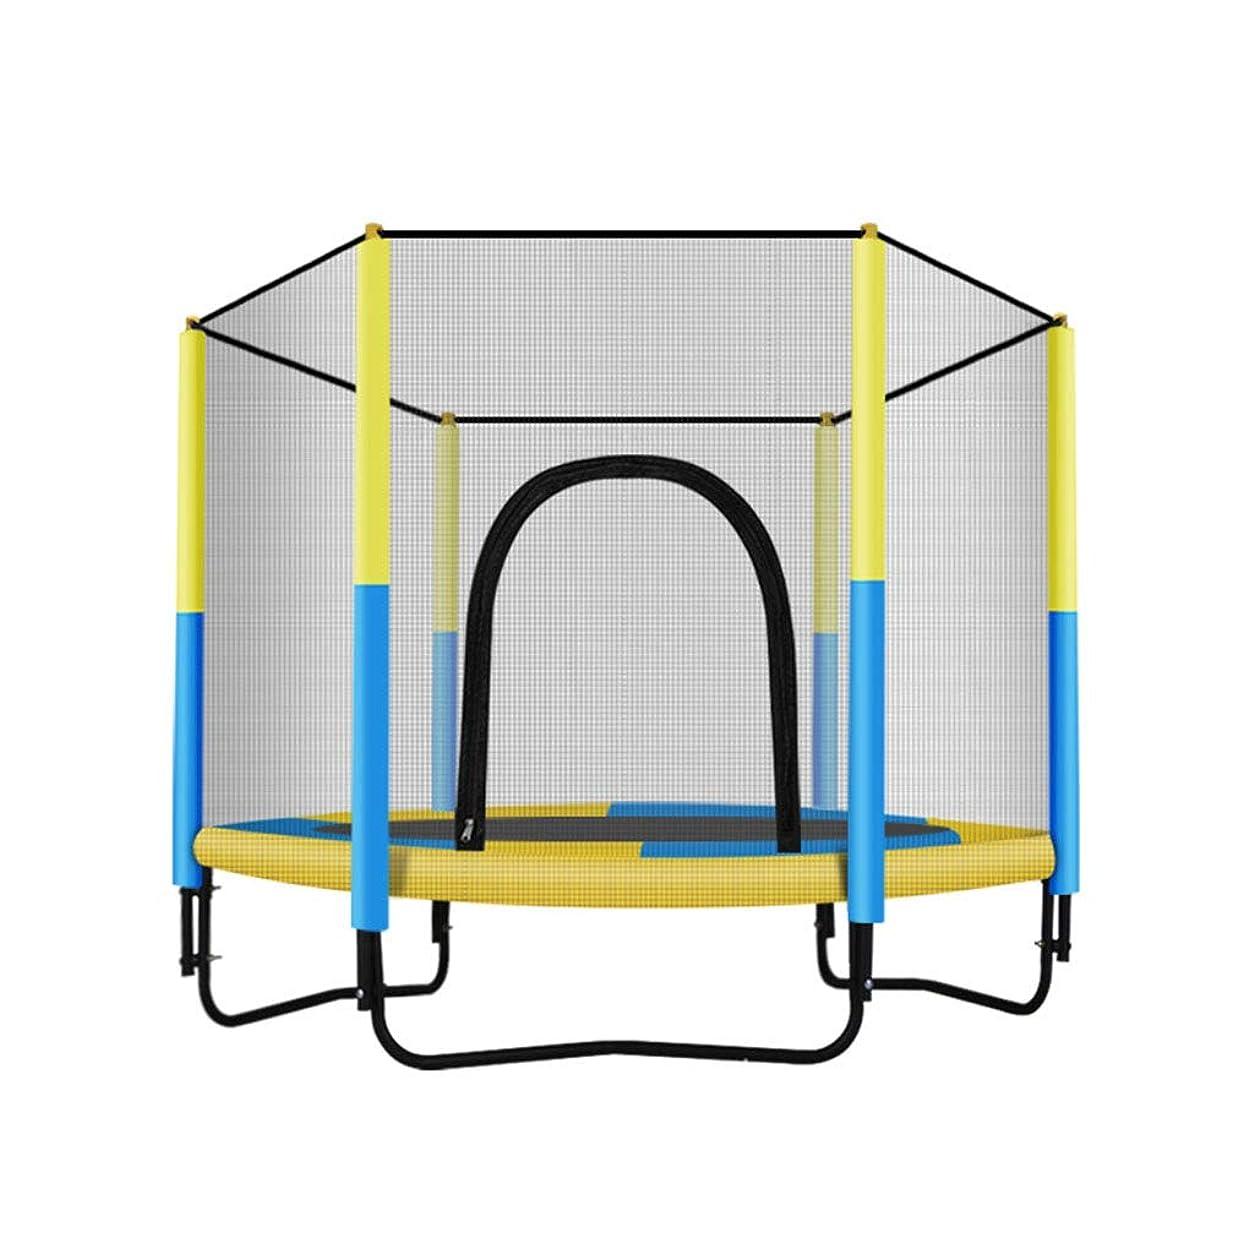 算術合理的人種室内用トランポリン トランポリンホーム子供用バウンスベッド運動器具保護ネット付きトランポリン玩具トランポリンベアリング重量150kg (Color : Blue-Yellow, Size : 150*130cm)